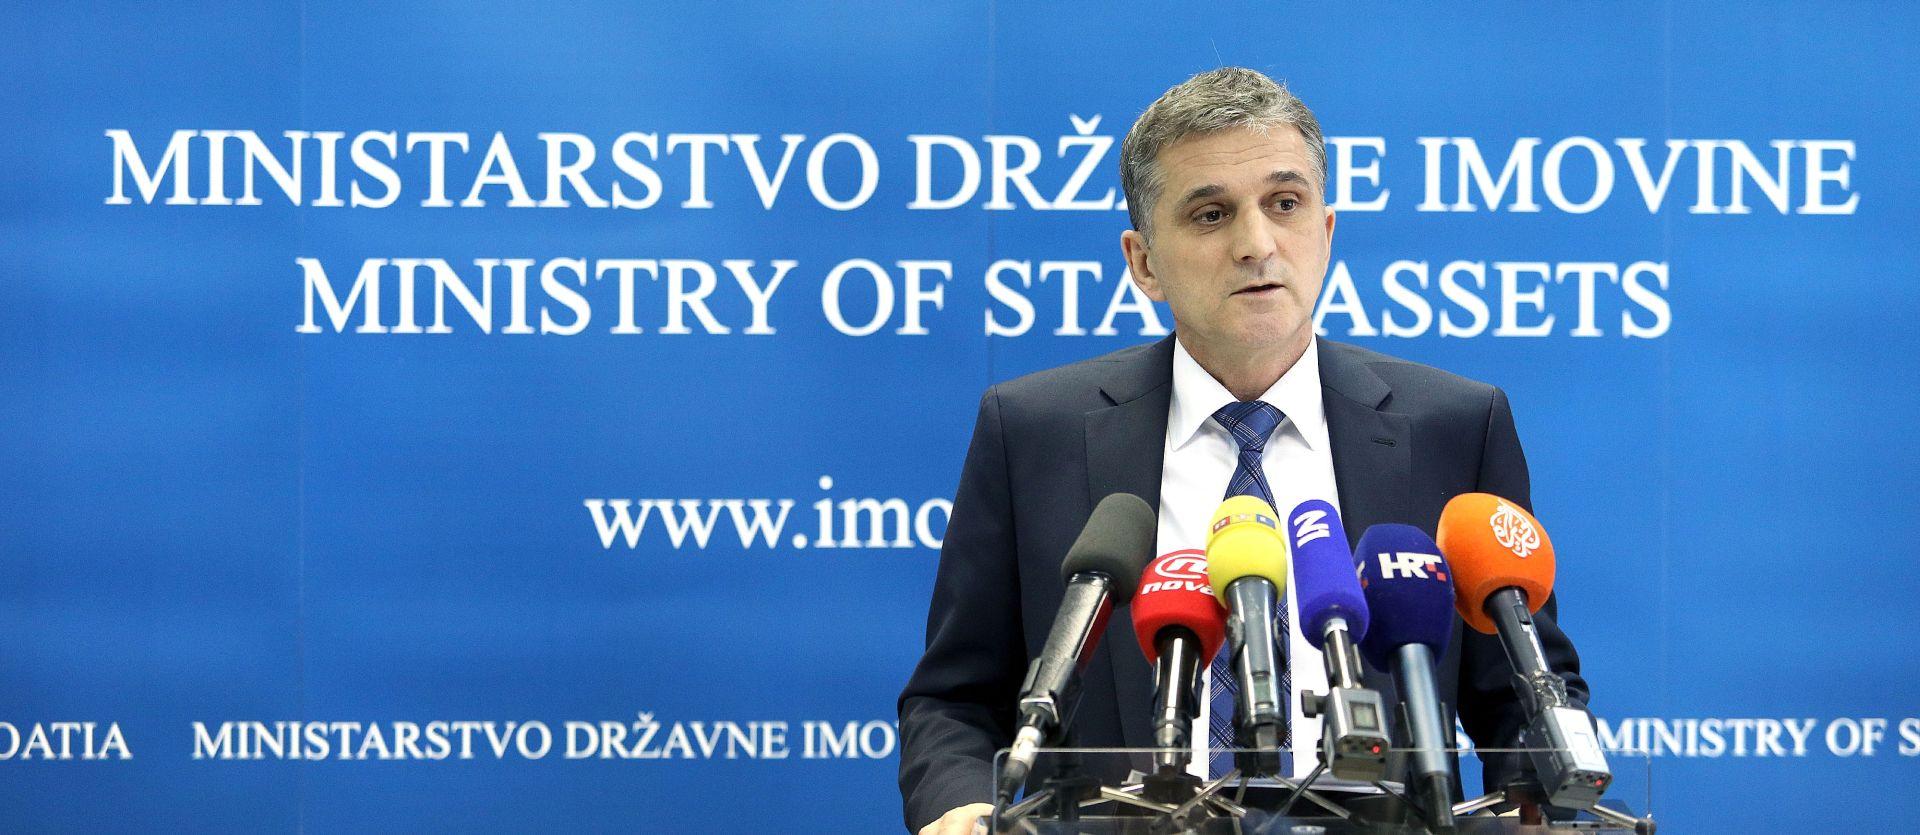 MINISTAR GORAN MARIĆ: Državna imovina može znatno pridonijeti proračunu